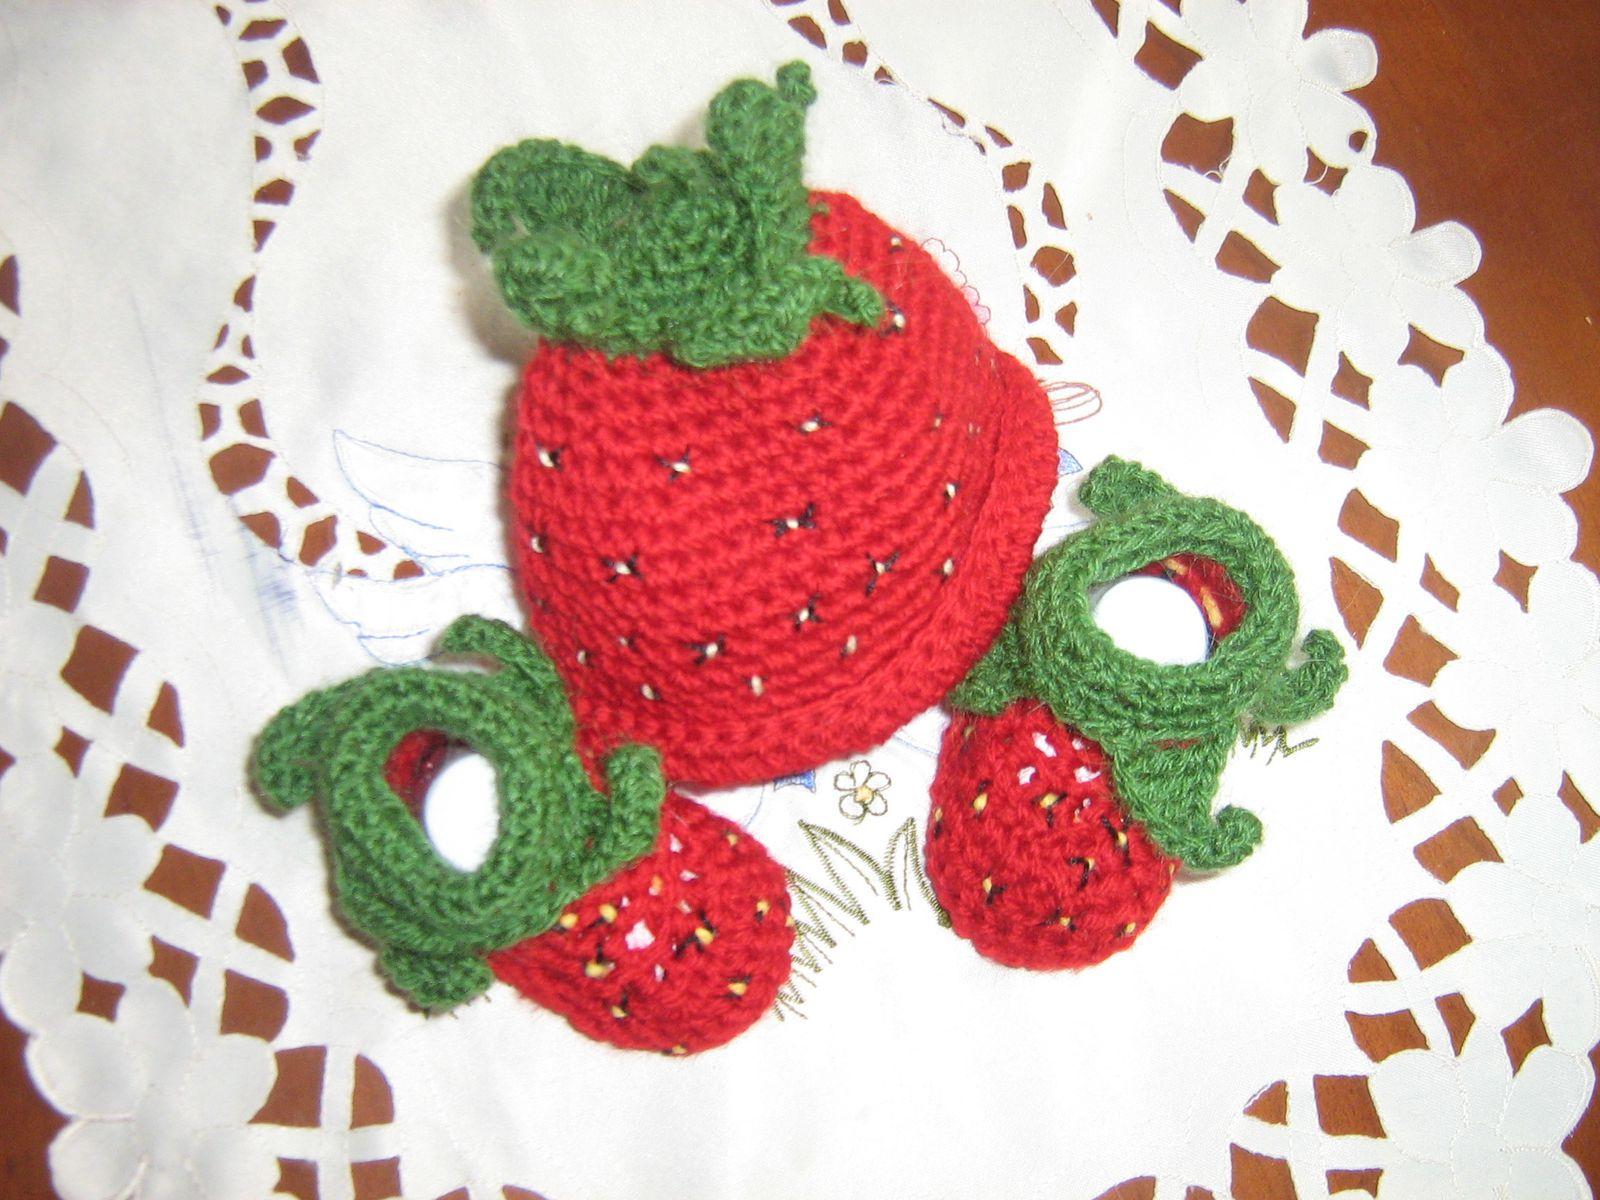 tricoter une fraise